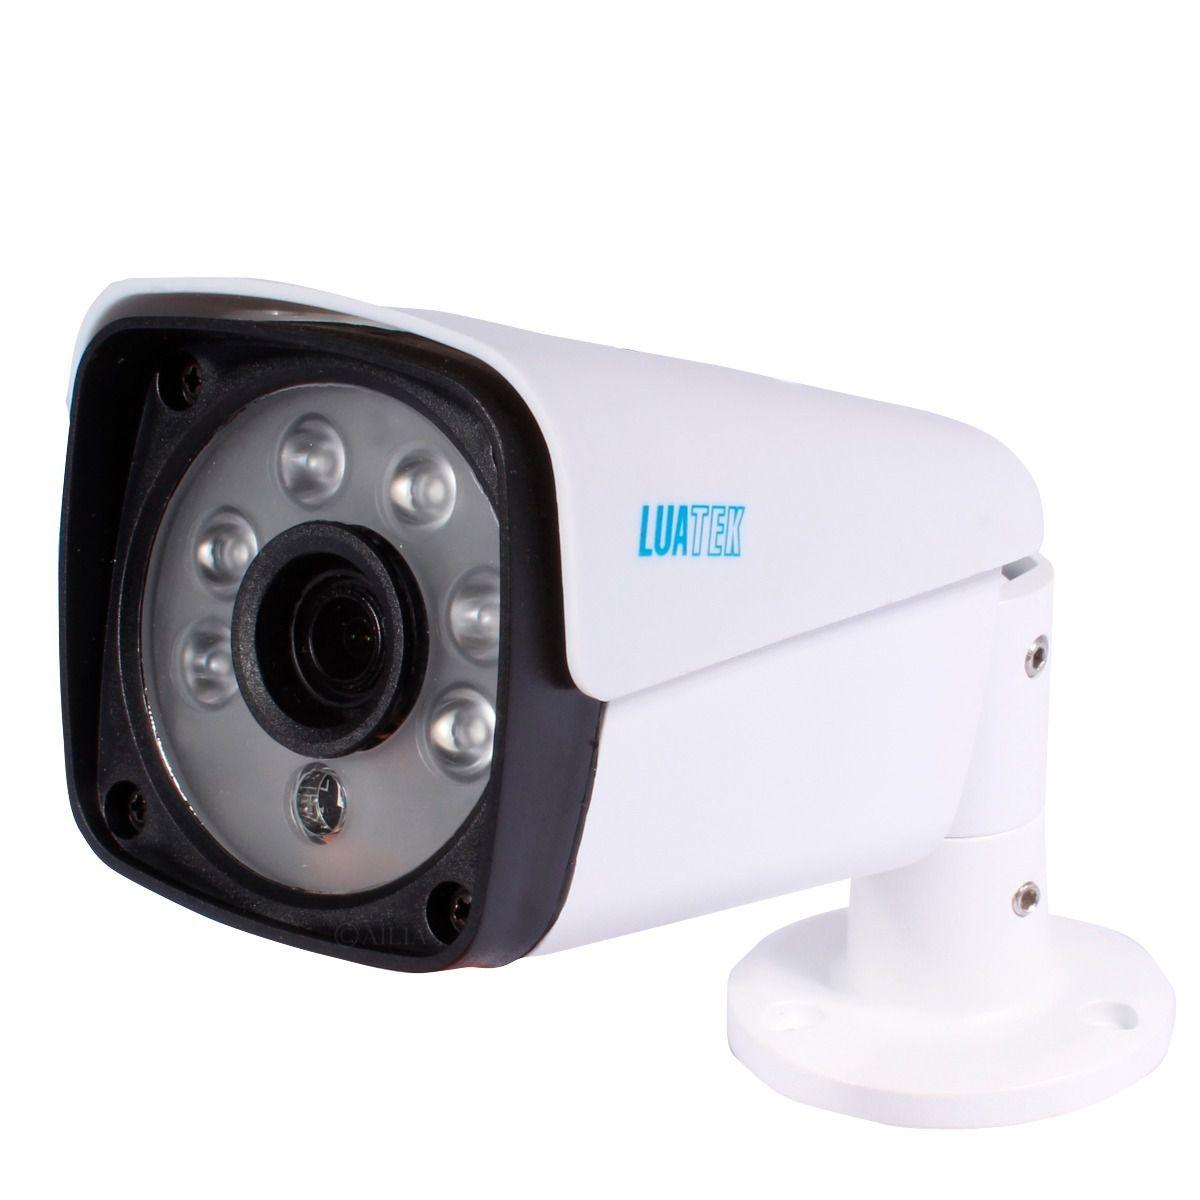 Kit Nvr Com 4 Cameras Ip Bullet Poe 2mp (1080p) 3.6mm Luatek  - Wtech vendas e Assistência técnica